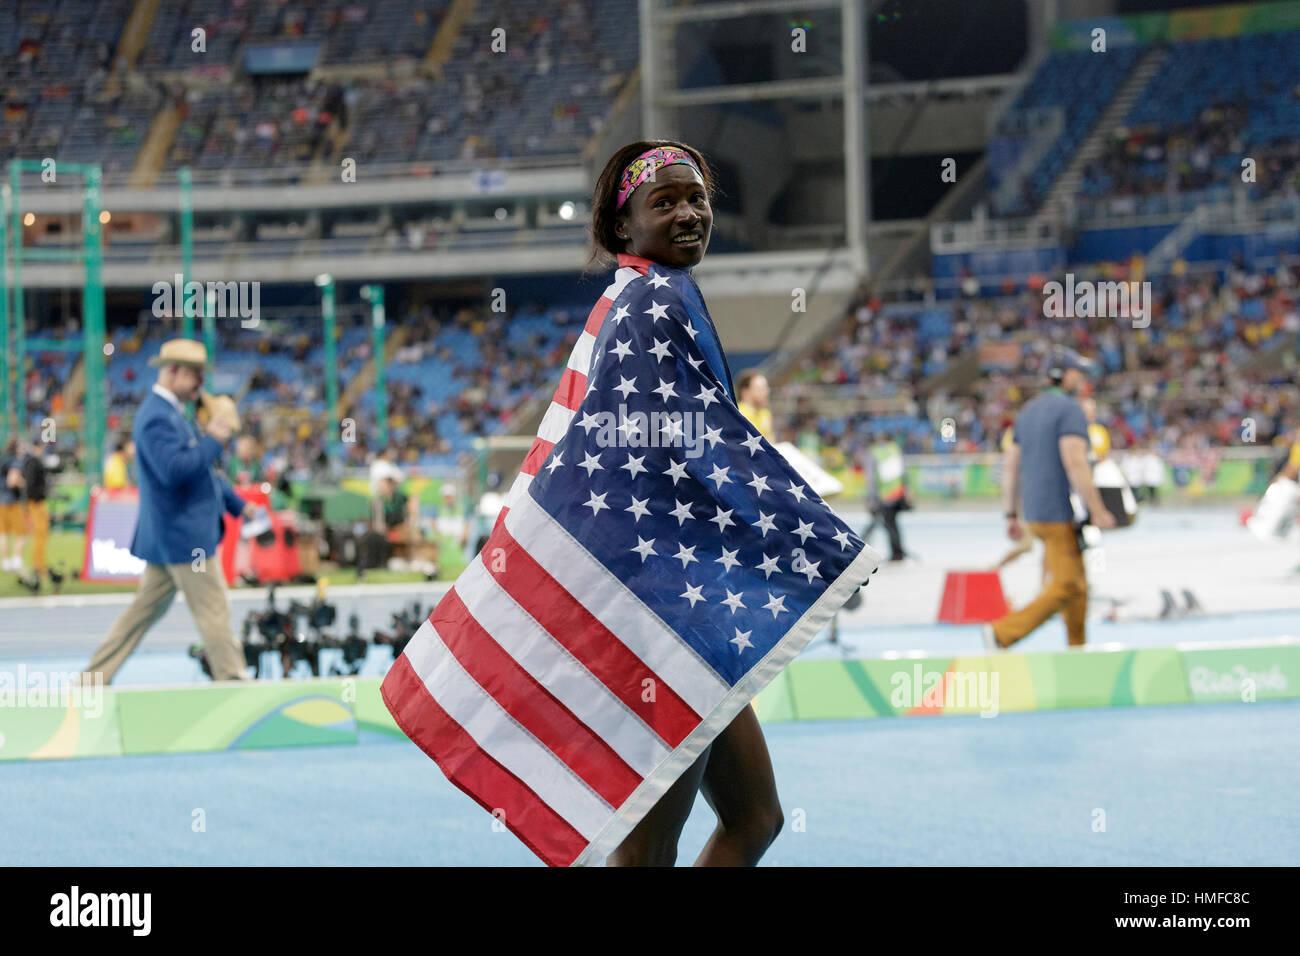 Rio de Janeiro, Brésil. 13 août 2016 Bowie Tori (USA) remporte la médaille d'argent au 100m à des femmes aux Jeux Olympiques d'été de 2016. ©PAUL J. Sutton/PC Banque D'Images